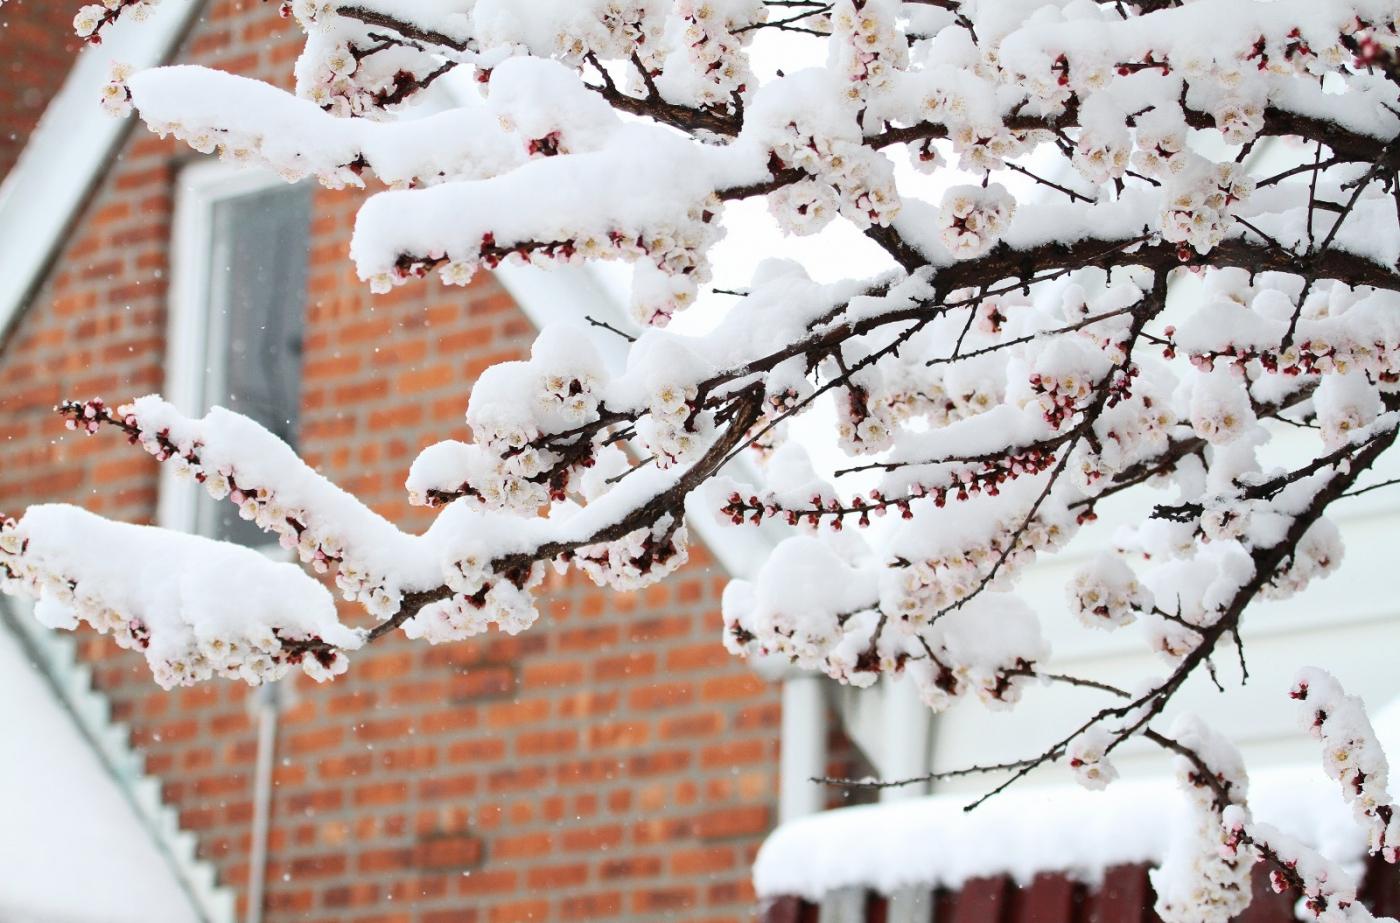 【田螺手机摄影】今早下雪去拍梅花_图1-4